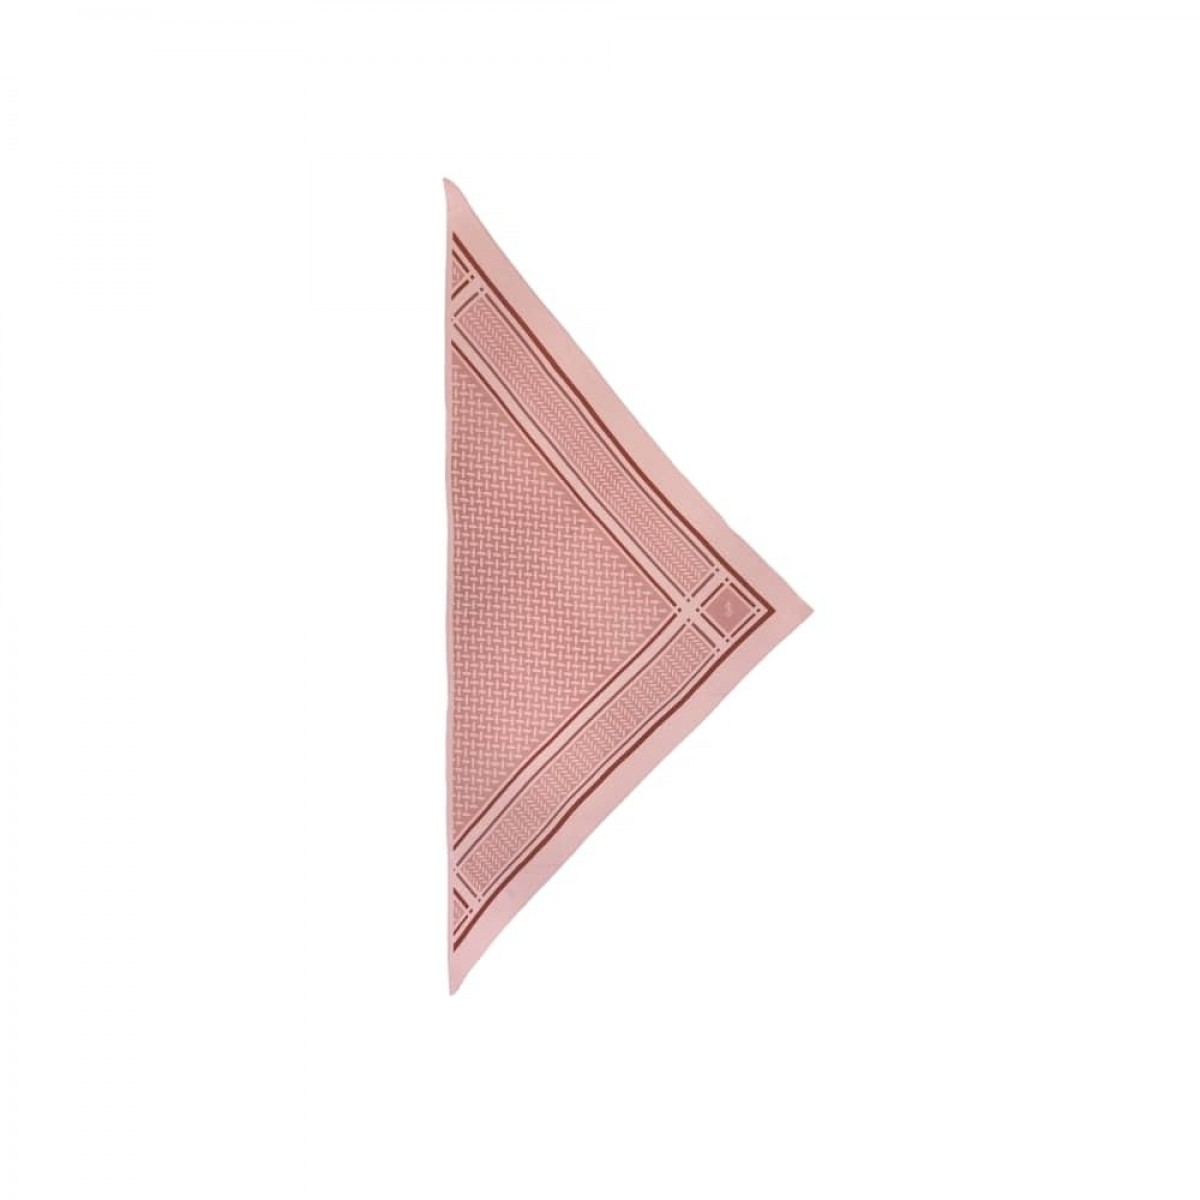 triangle trinity neo m - ballerina neo light - front